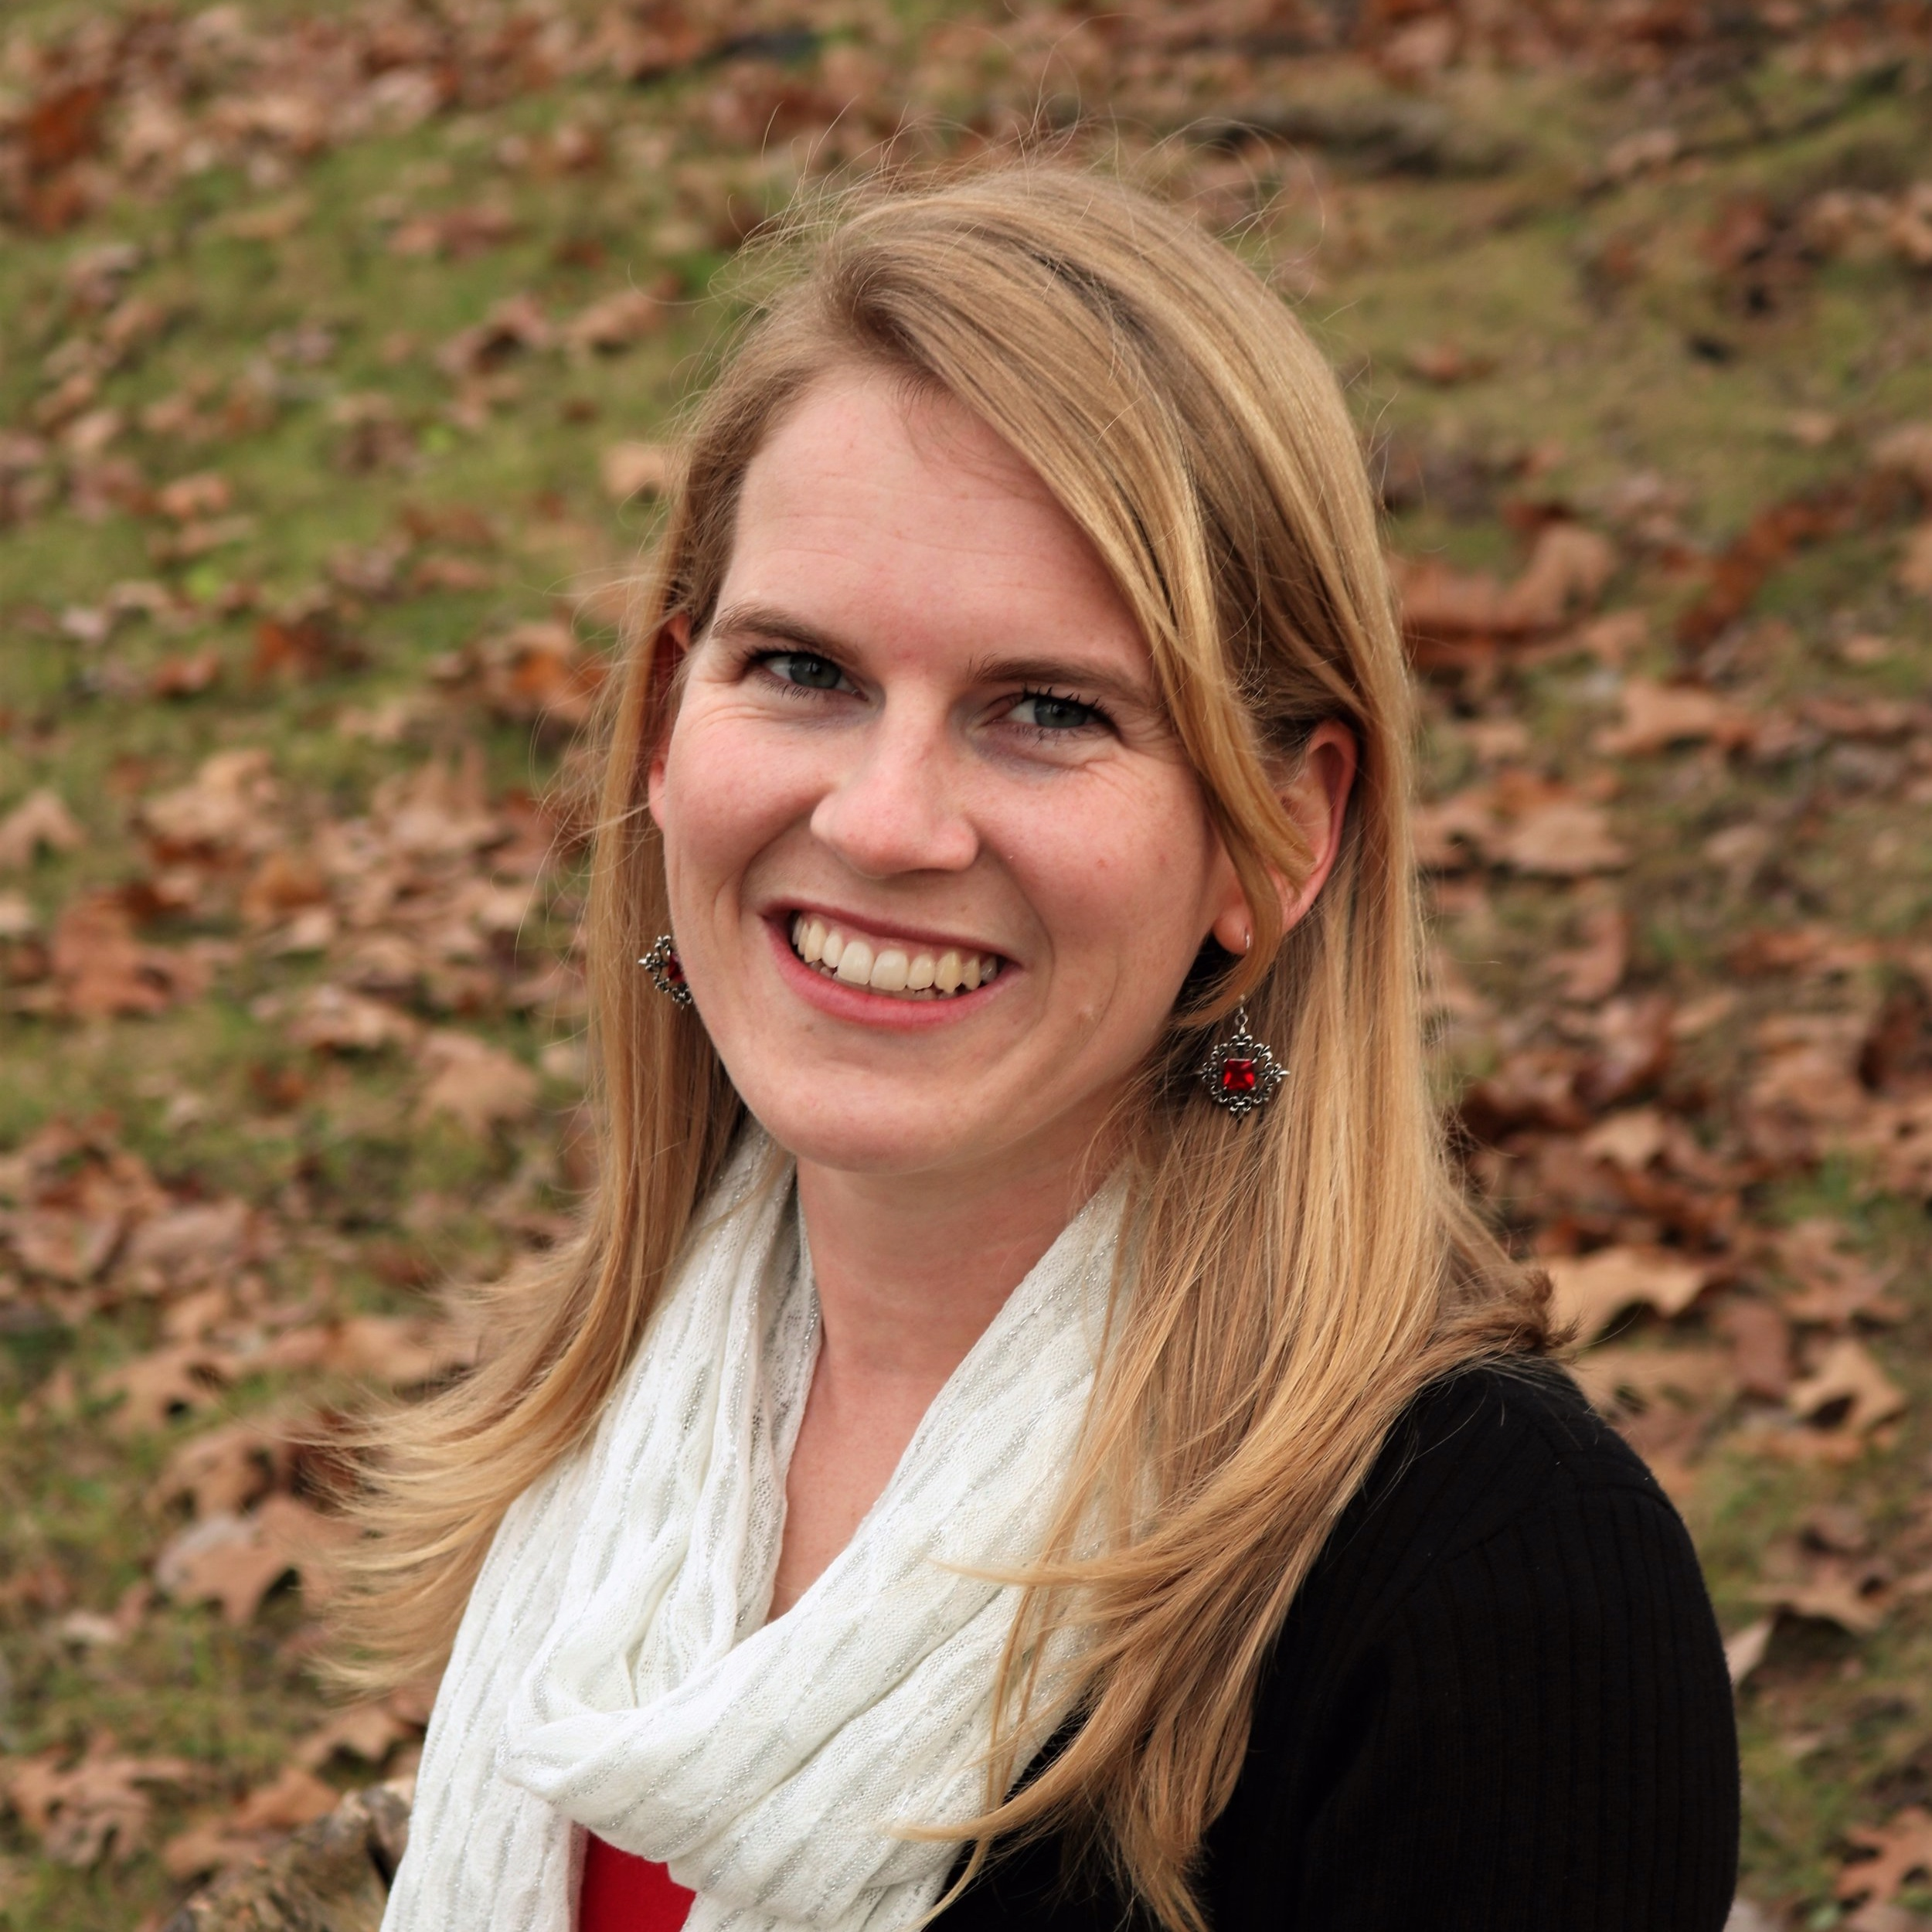 Elizabeth Stoyeff